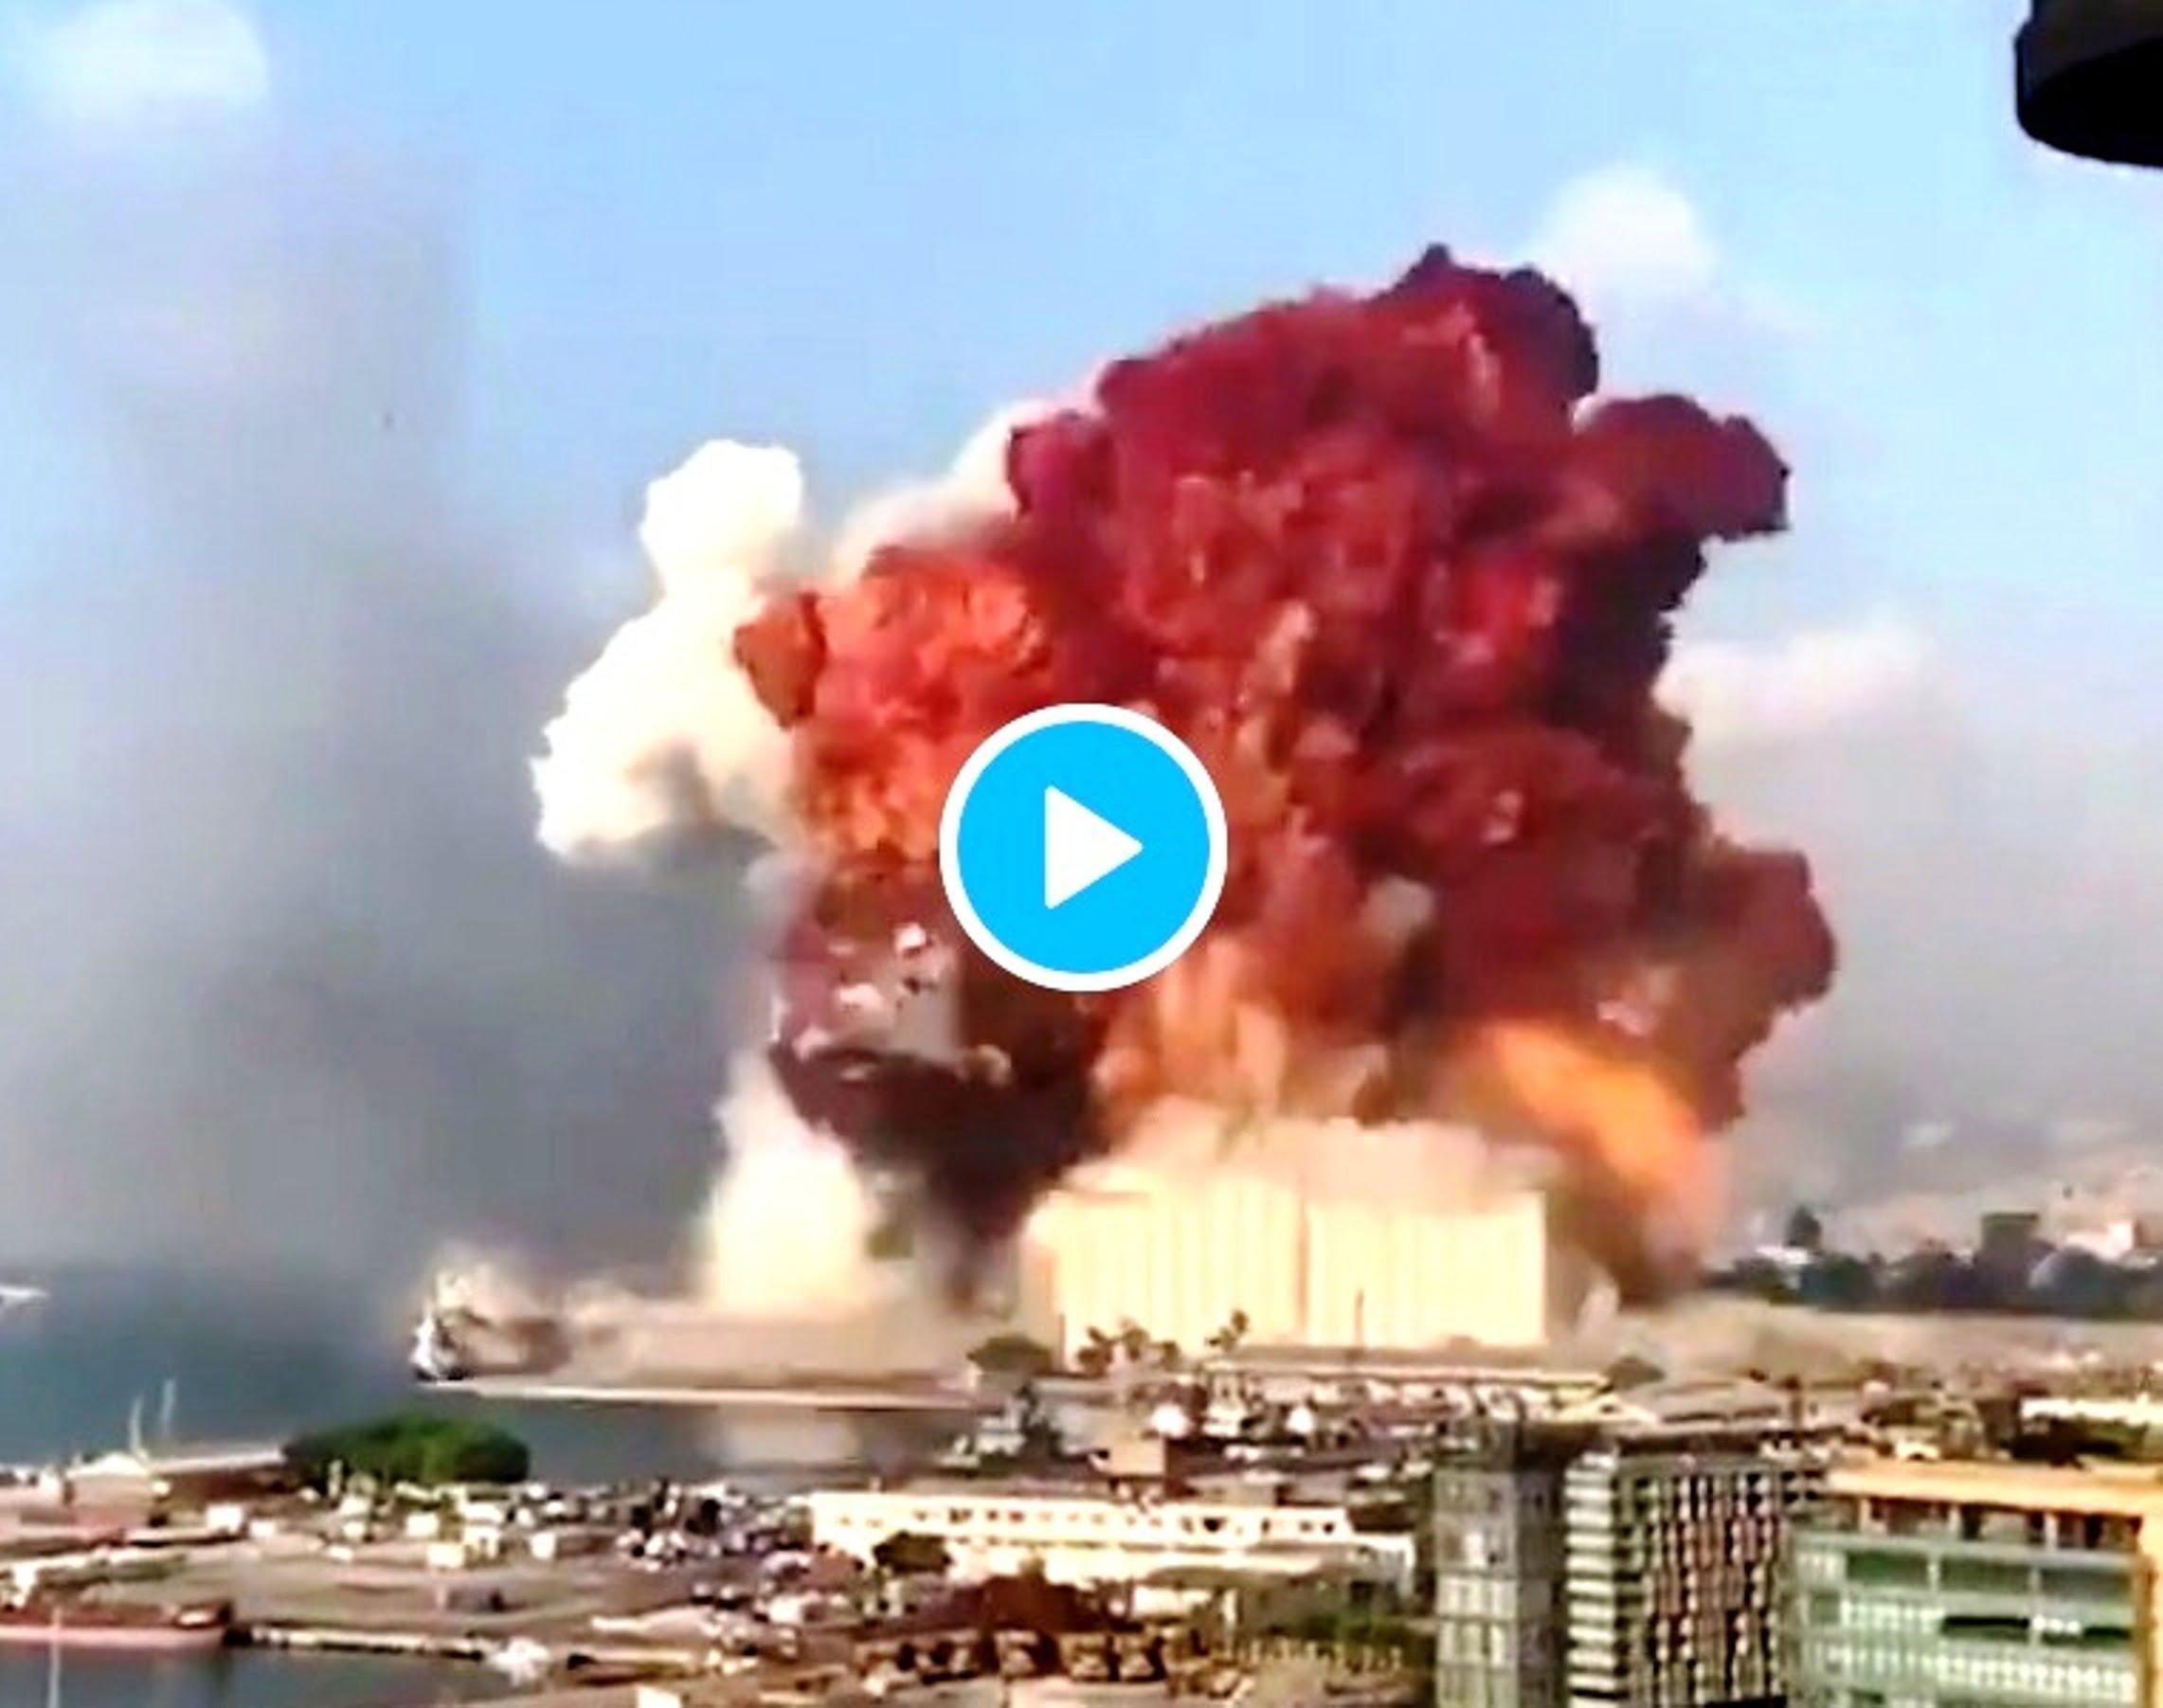 Γιγαντιαία έκρηξη στη Βηρυτό, άλλα βίντεο και φωτογραφίες